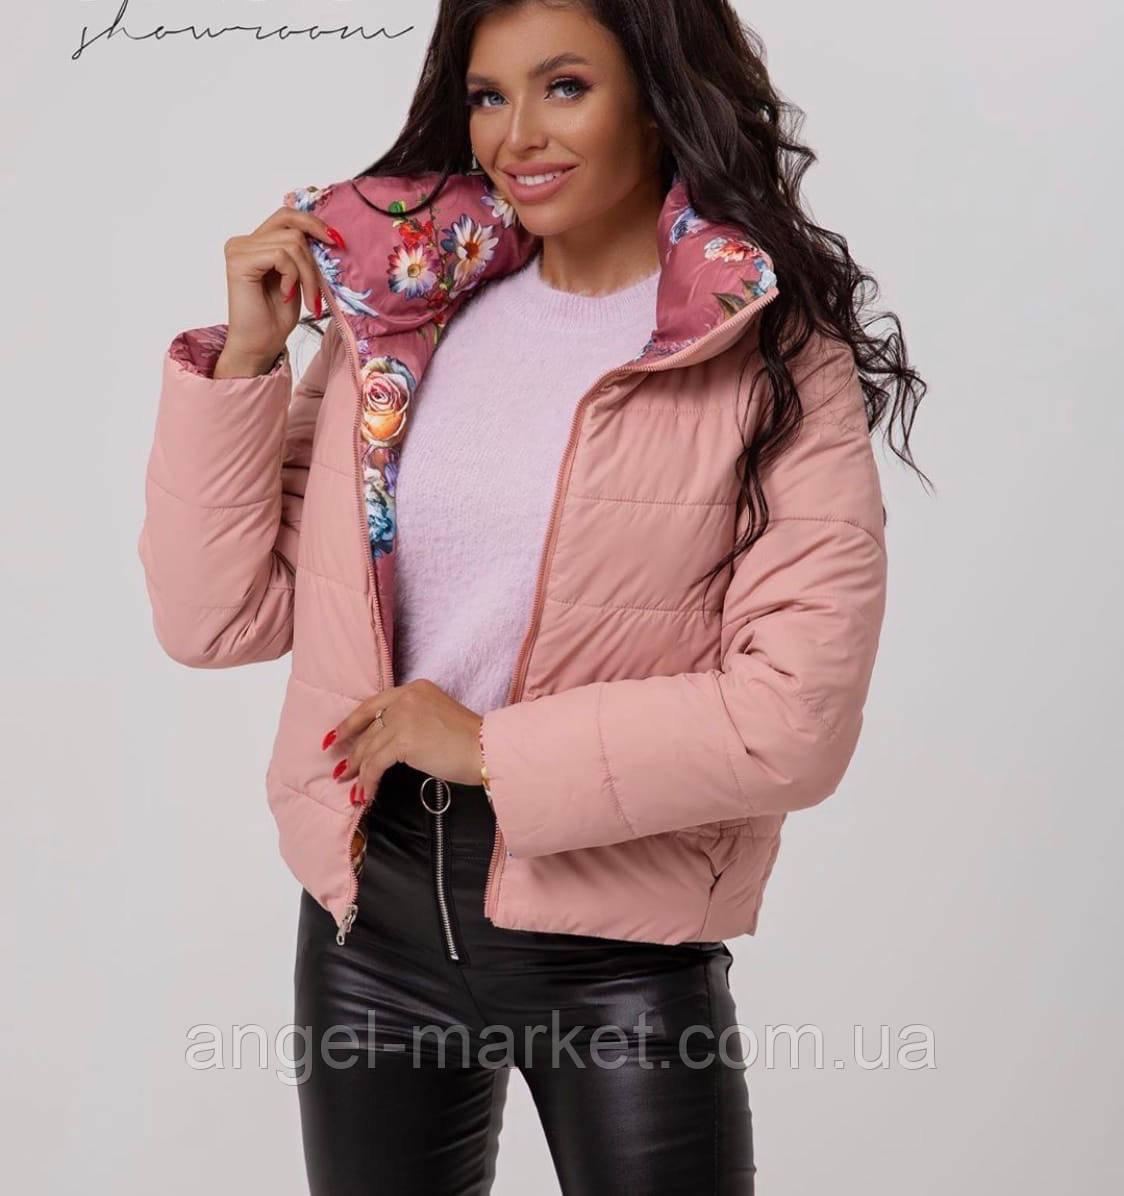 Осенняя  женская  куртка двусторонняя .Новинка 2020